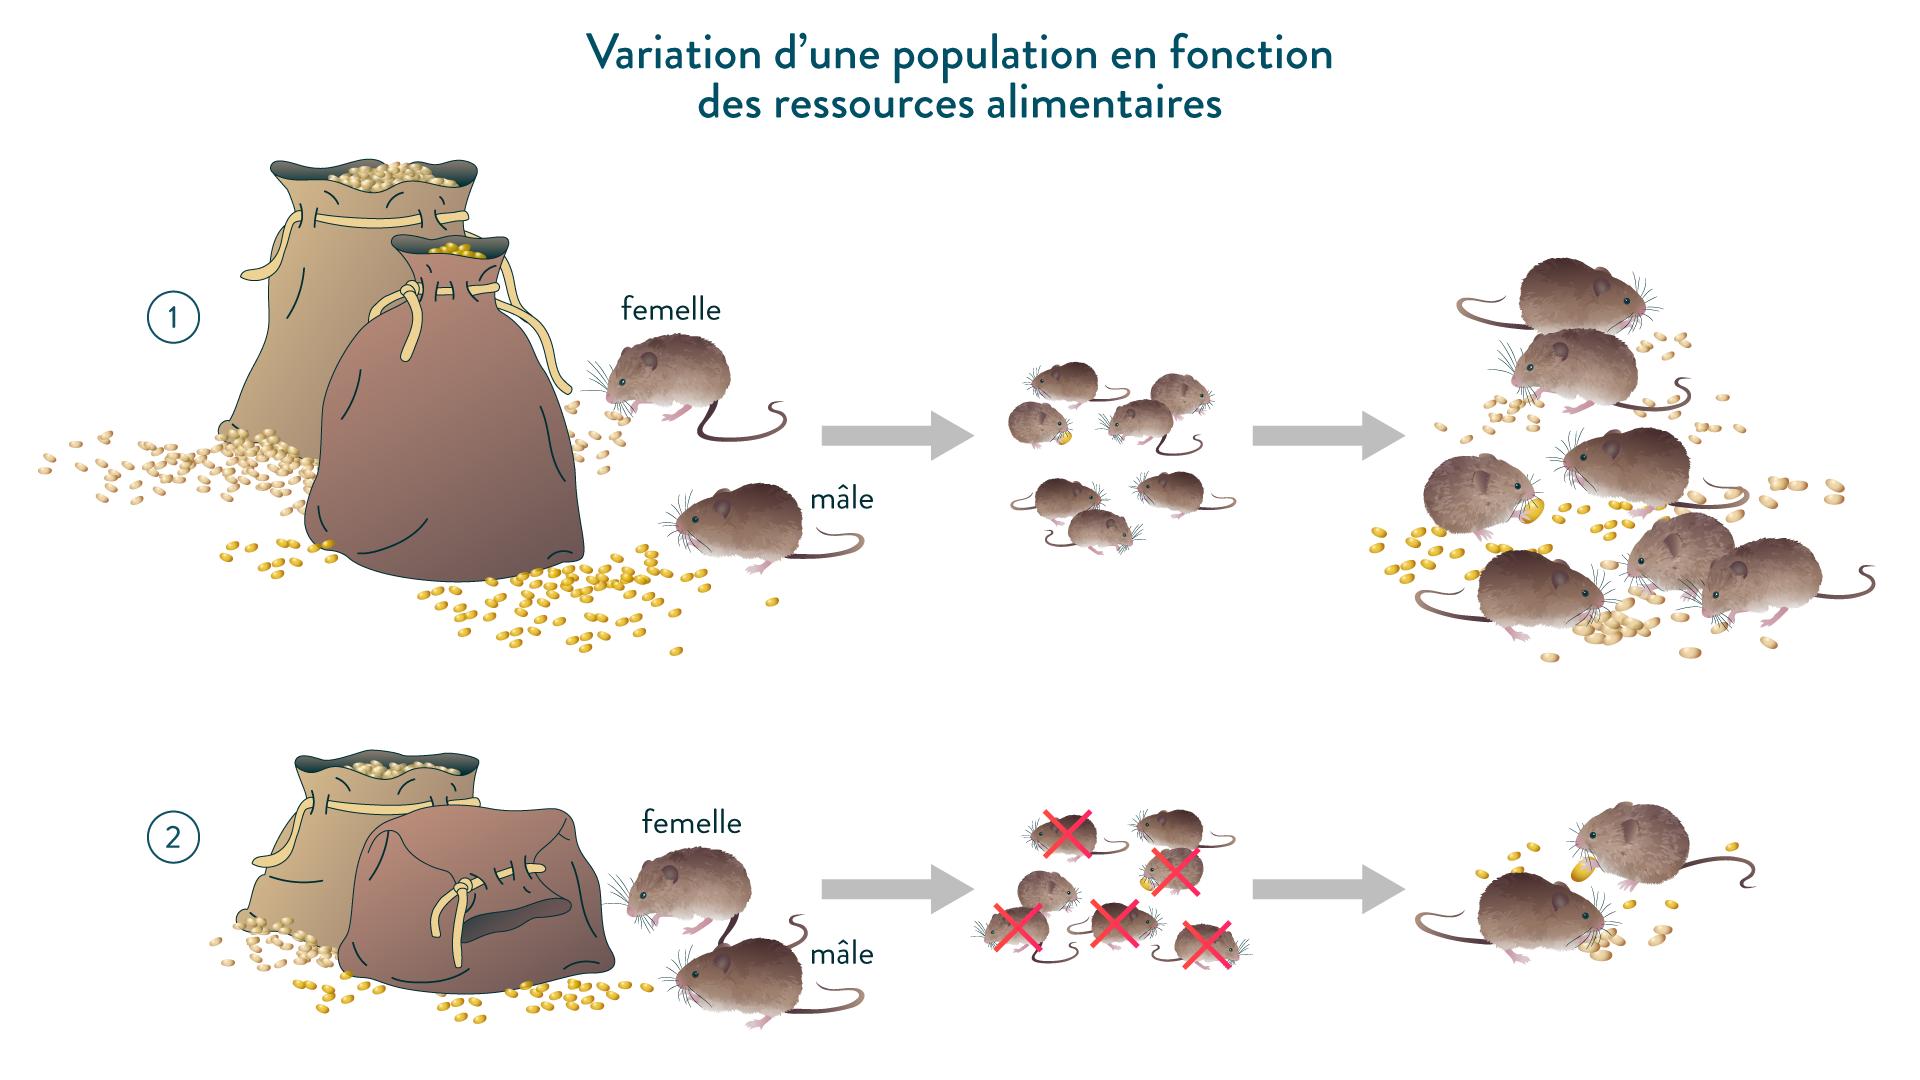 Variation d'une population en fonction des ressources alimentaires chez le campagnol